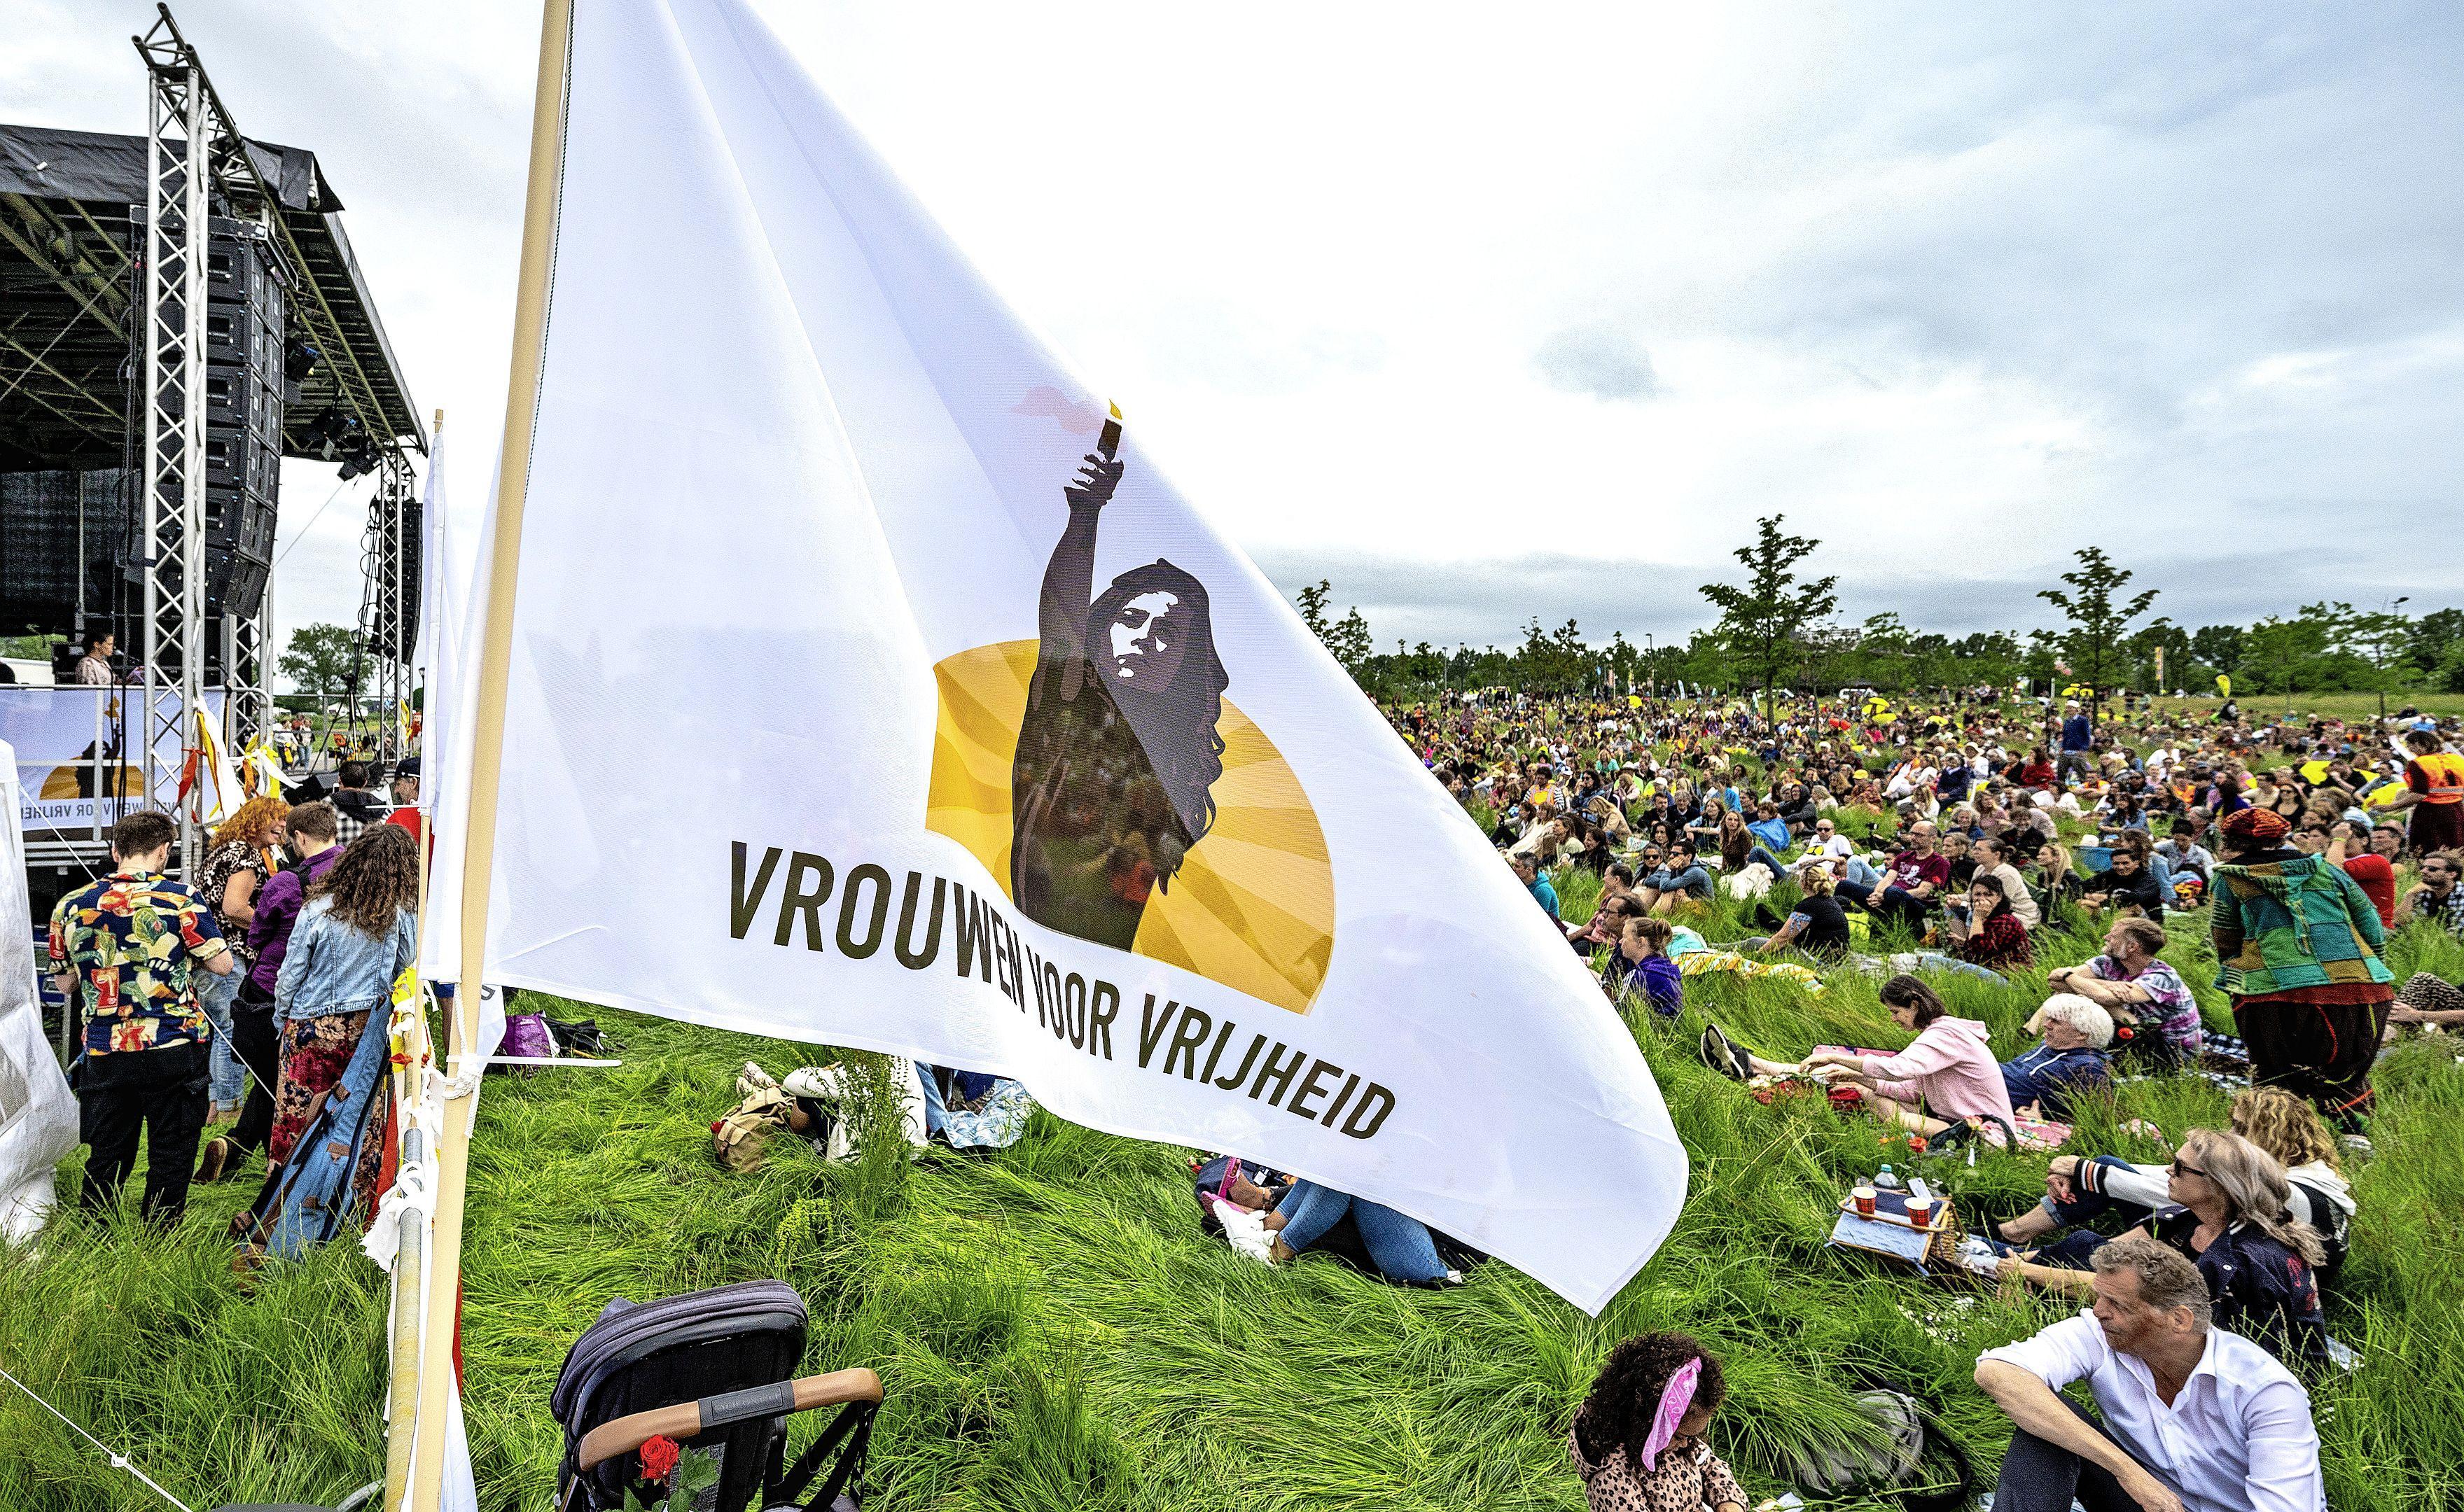 Manifestatie Vrouwen voor Vrijheid verloopt in bijna Woodstock-achtige sfeer. 'Wij zijn niet van de rellen'